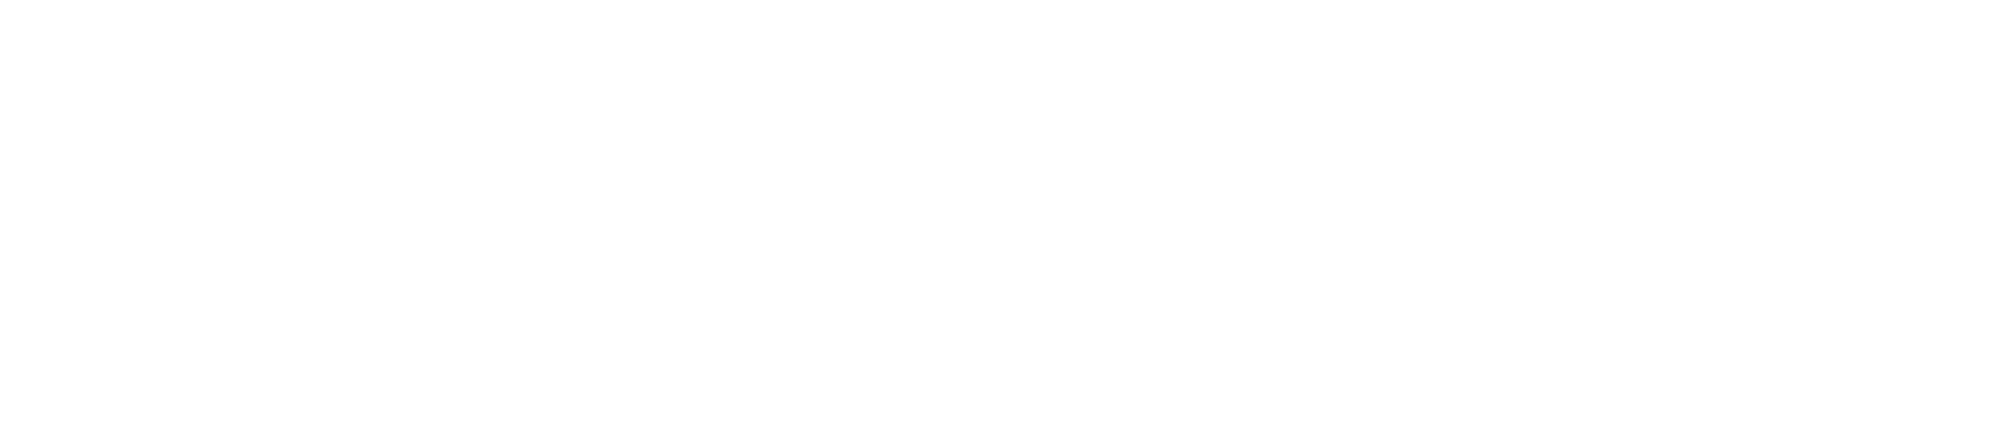 Singular-White-logo